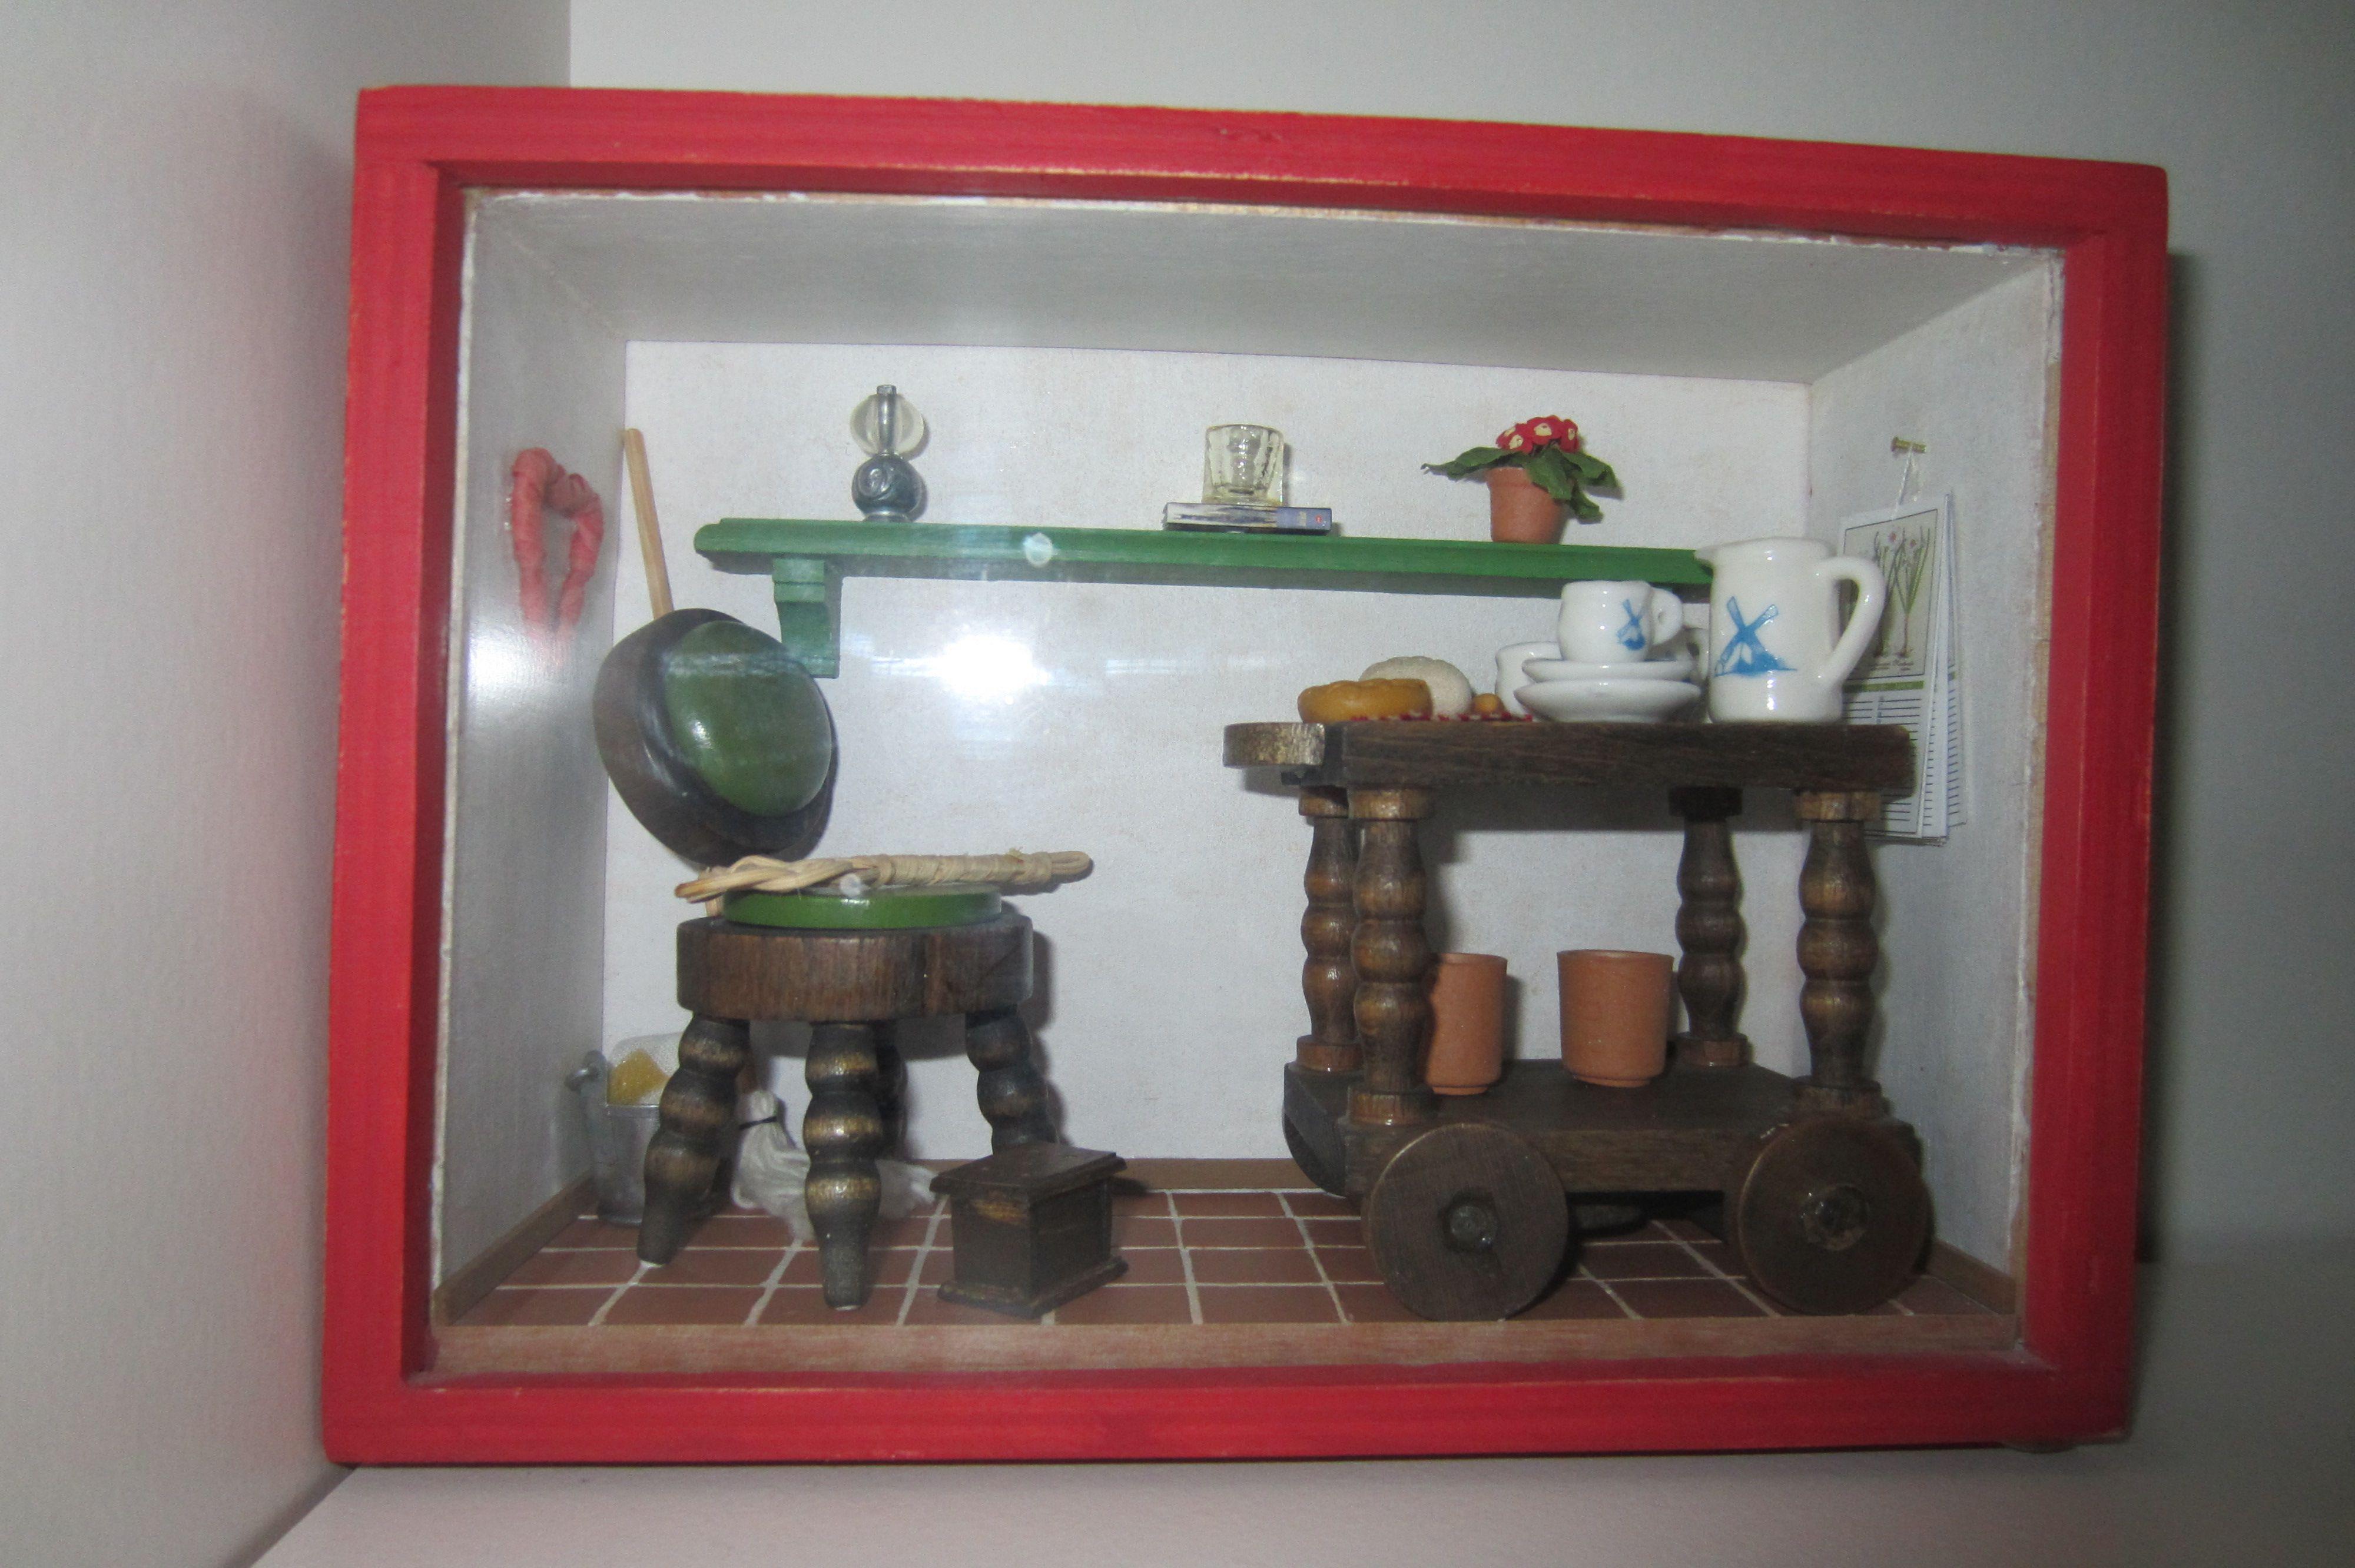 A miniature scene in a small box